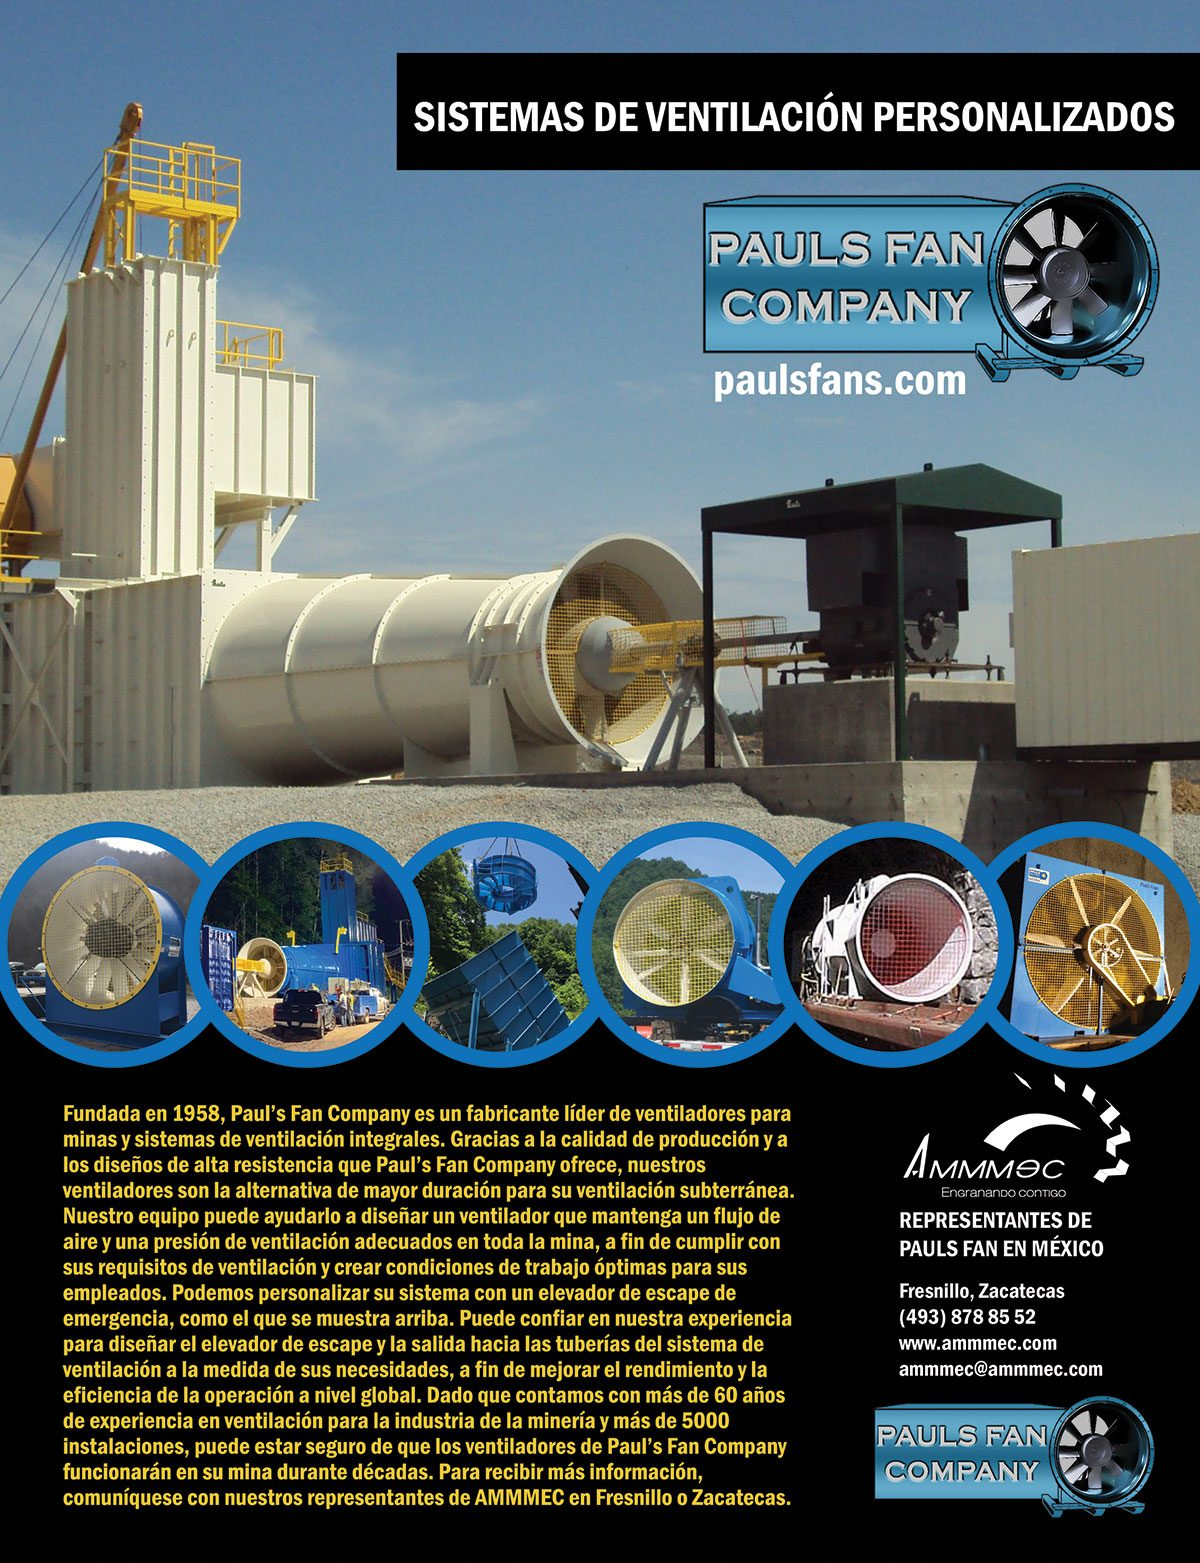 PAULSFAN-Sistemas de ventilation y capsulas de escape